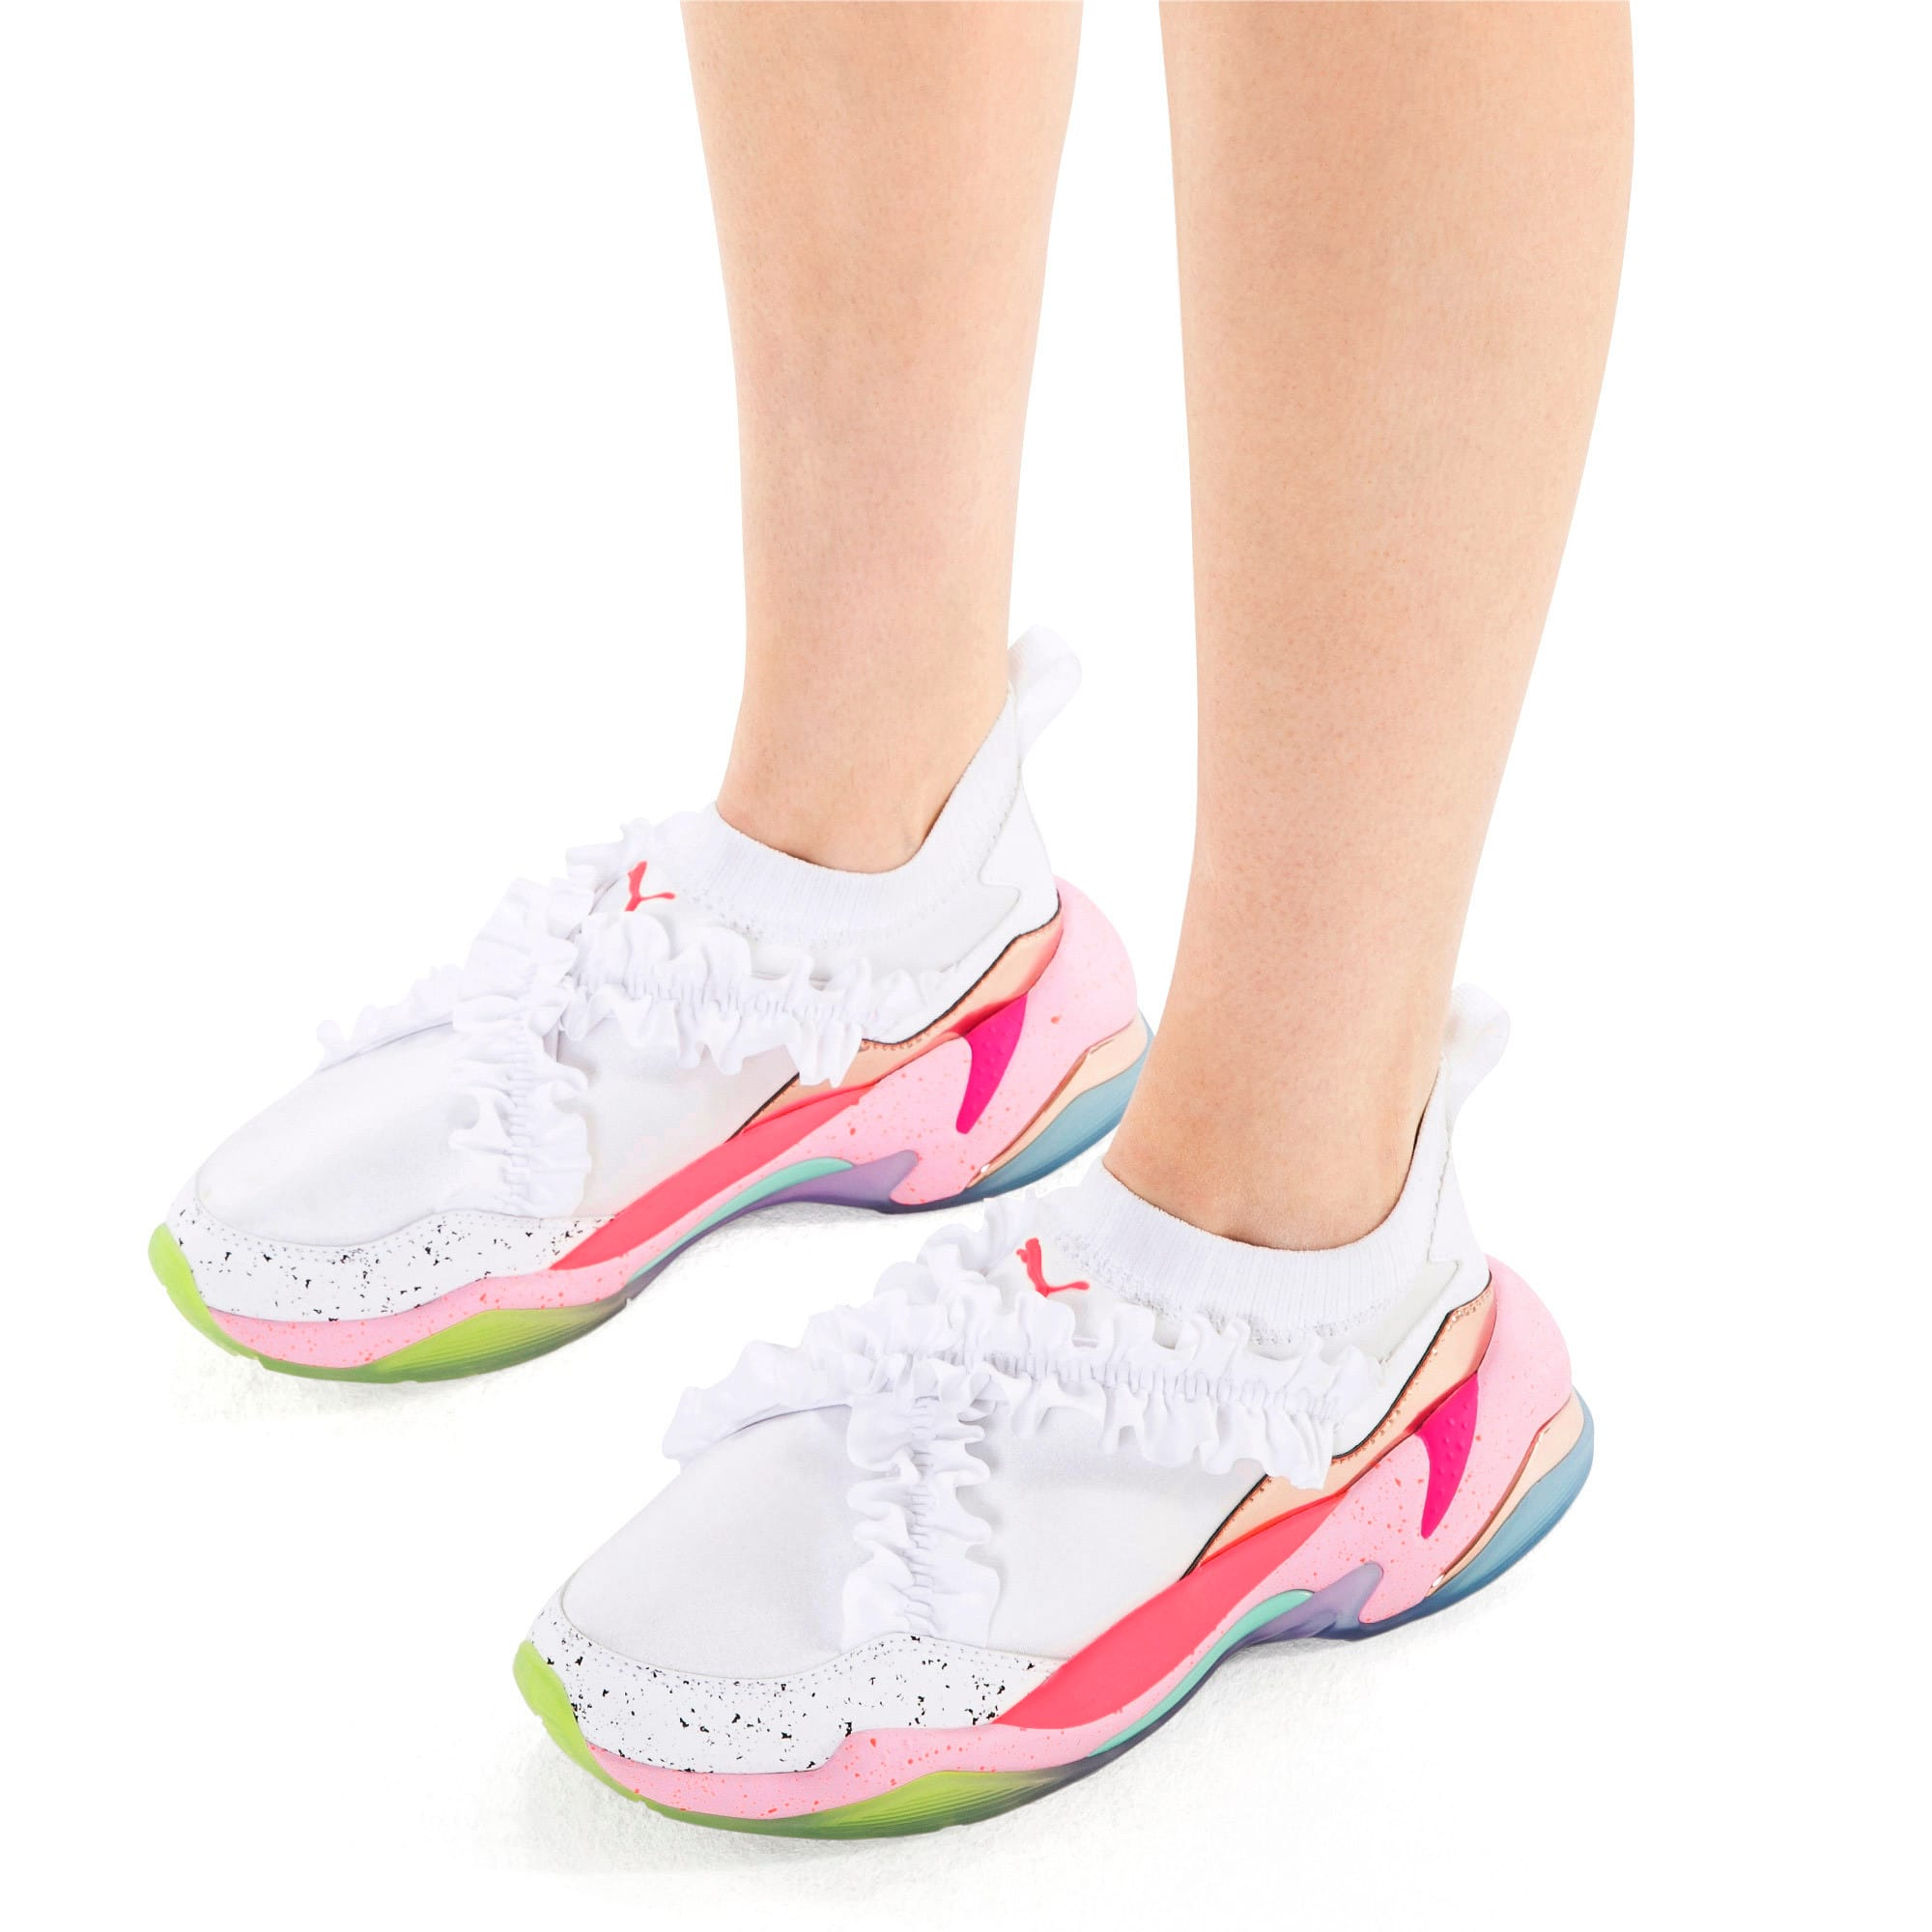 Miniatura 2 de Zapatos deportivosPUMA x SOPHIA WEBSTER Thunder de mujer, Puma White, mediano